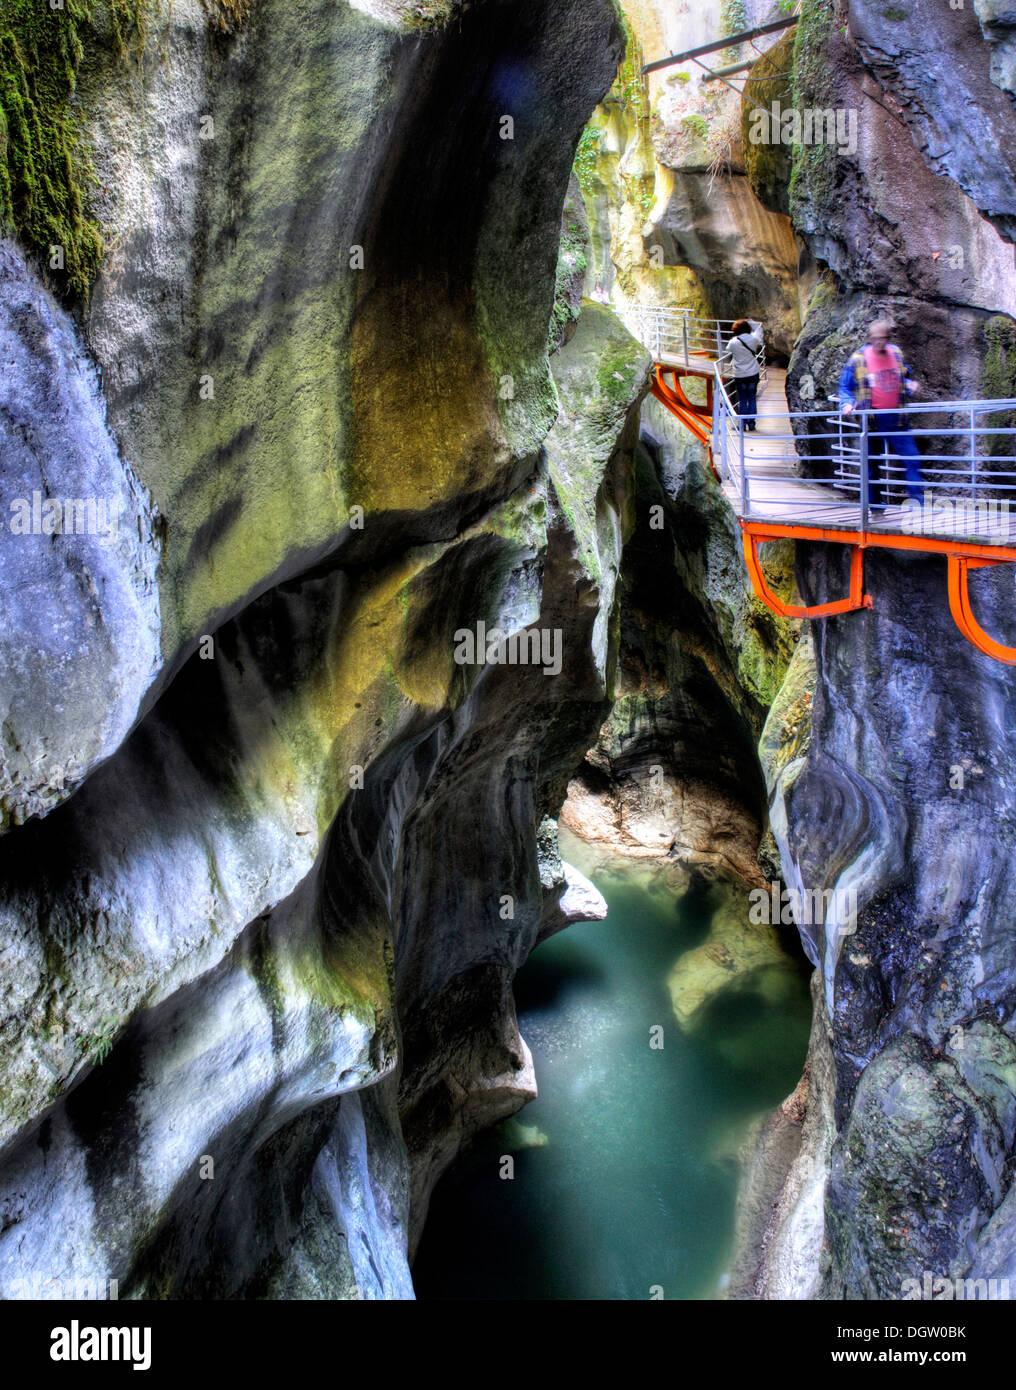 Le superbe emplacement étroit canyon Gorges du Fier à Lovagny en France, l'image traitée en HDR Photo Stock